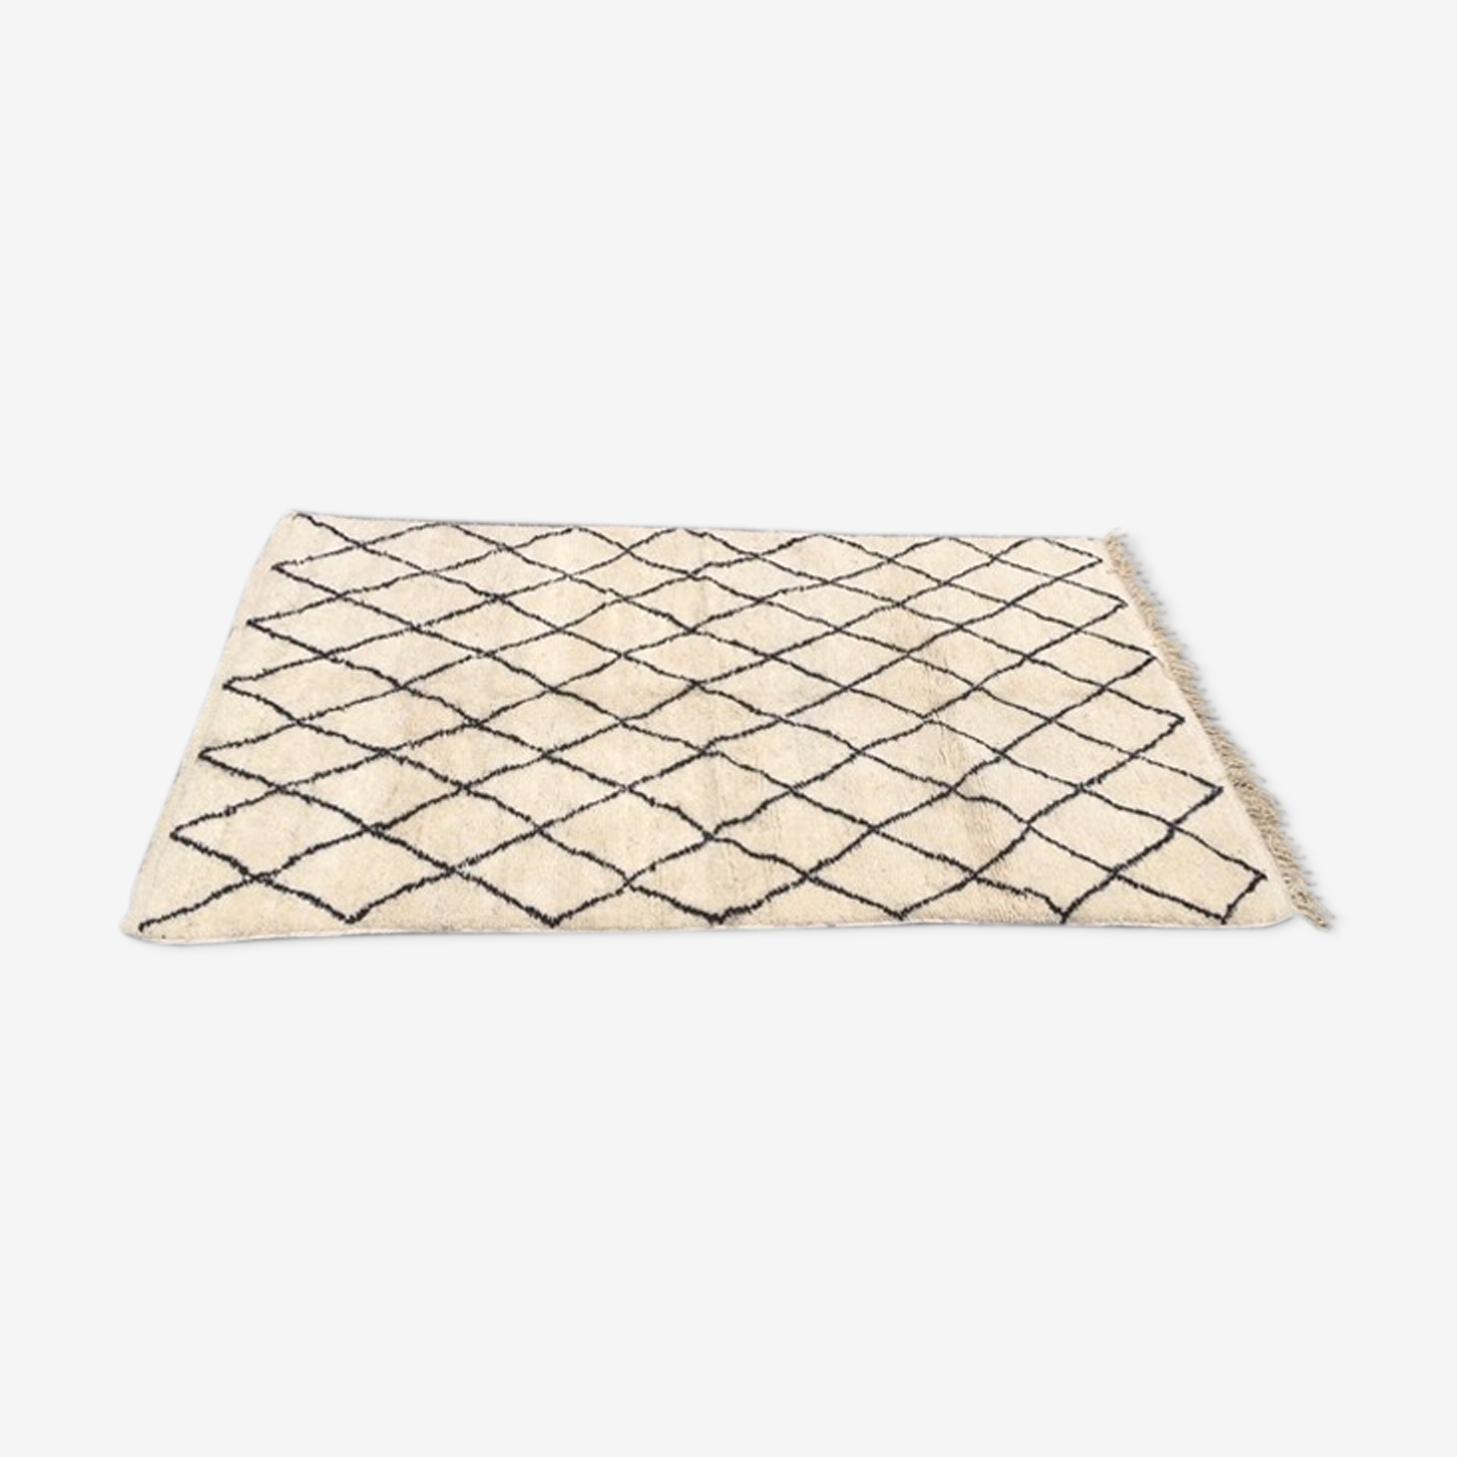 Beni ouarain rug black rhombuses 240x150cm